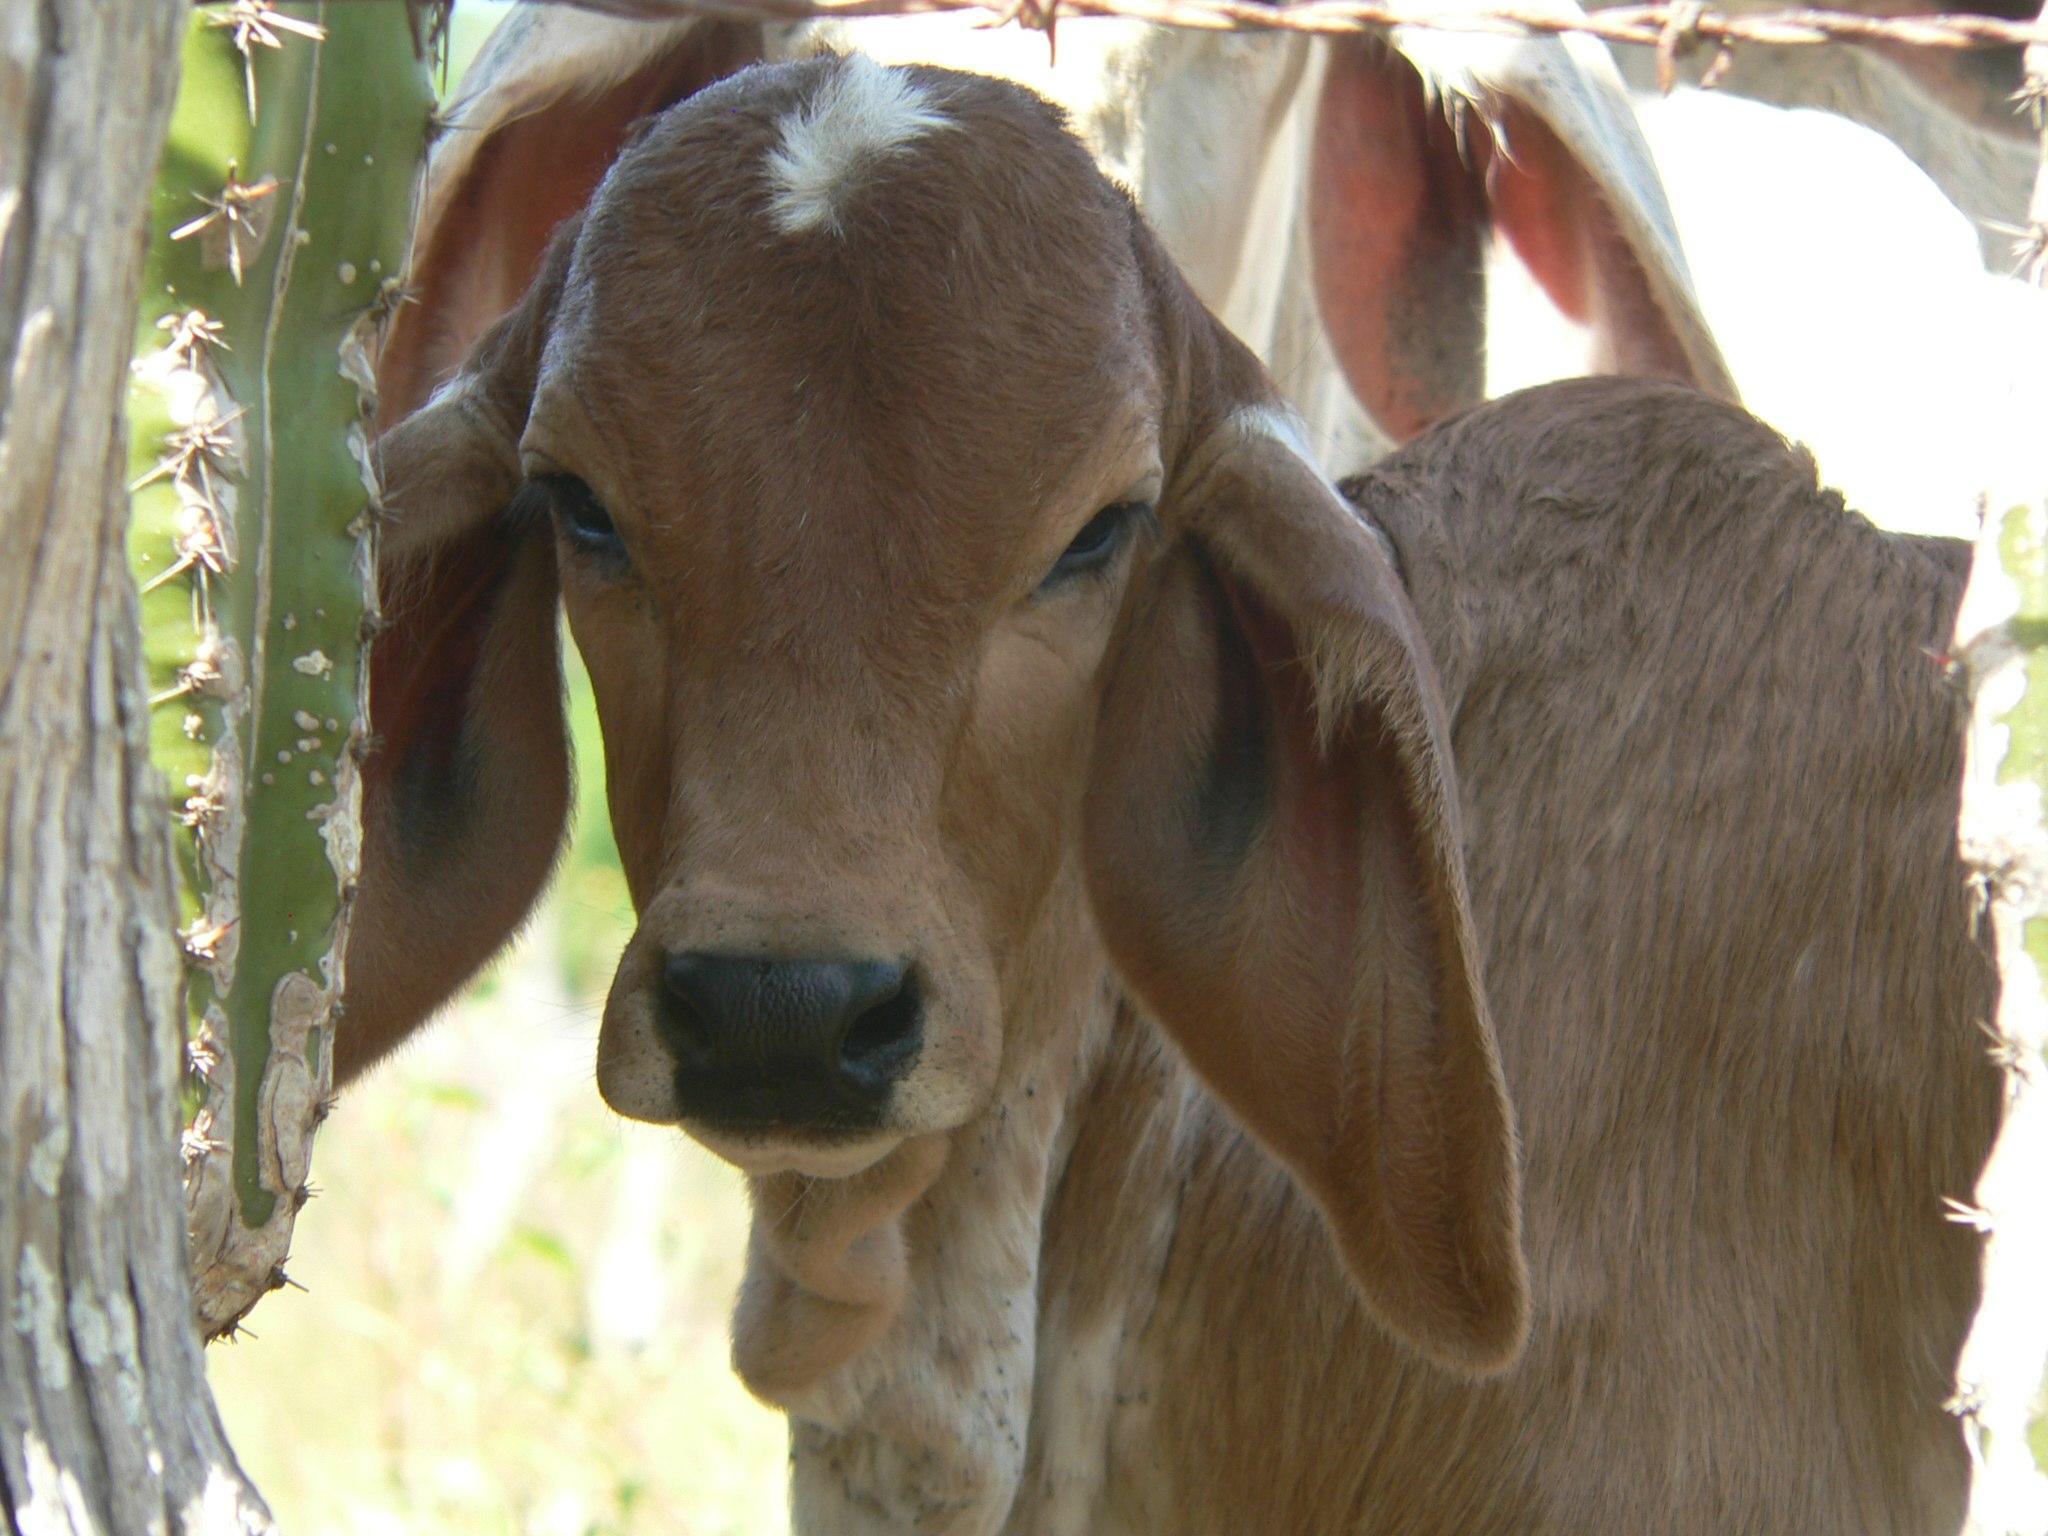 Baby Brahama | Costa Rica